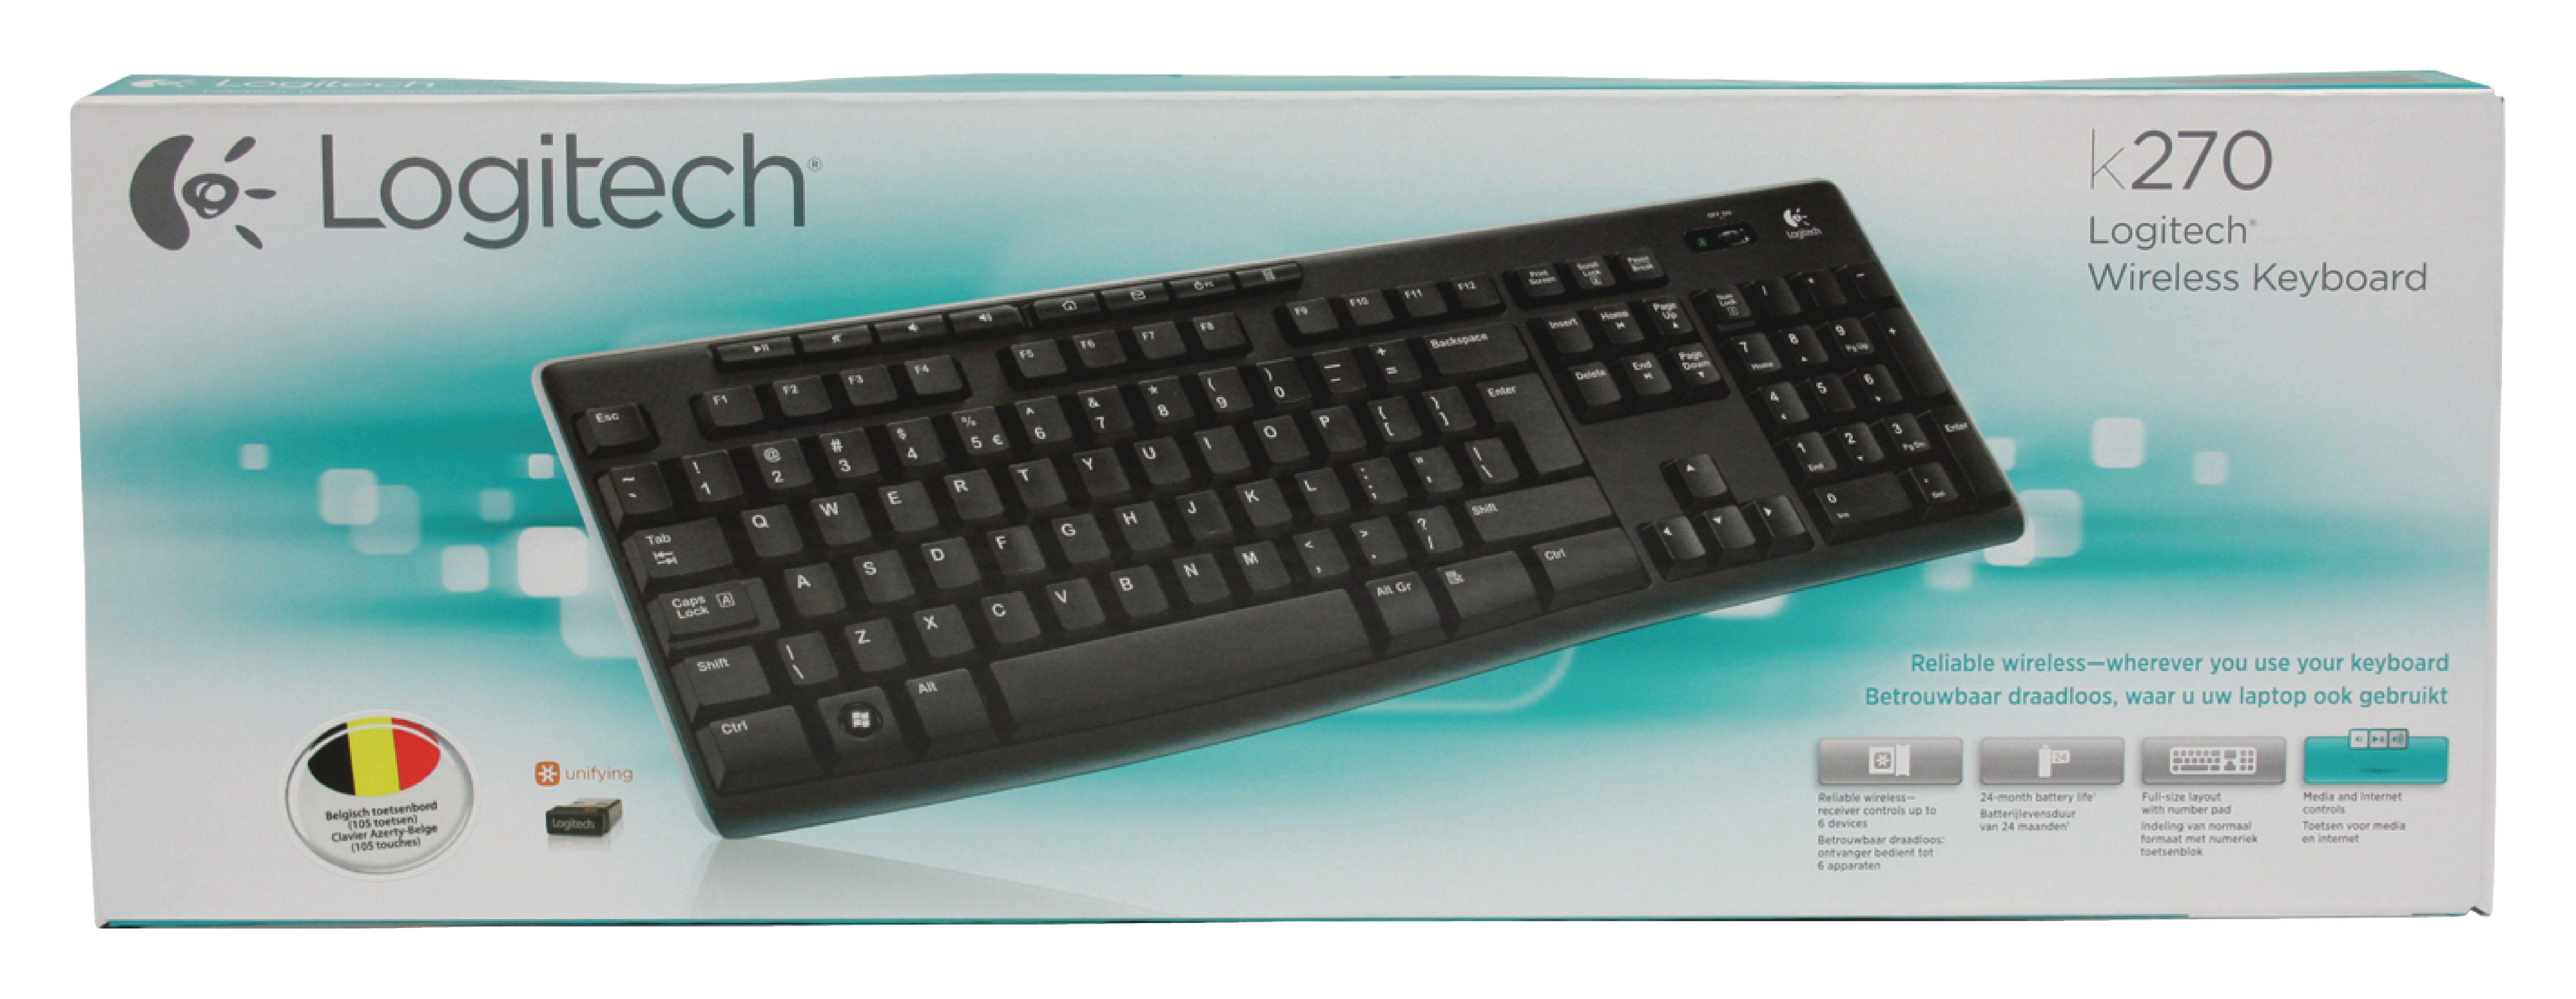 lgt k270 be logitech clavier sans fil standard usb. Black Bedroom Furniture Sets. Home Design Ideas